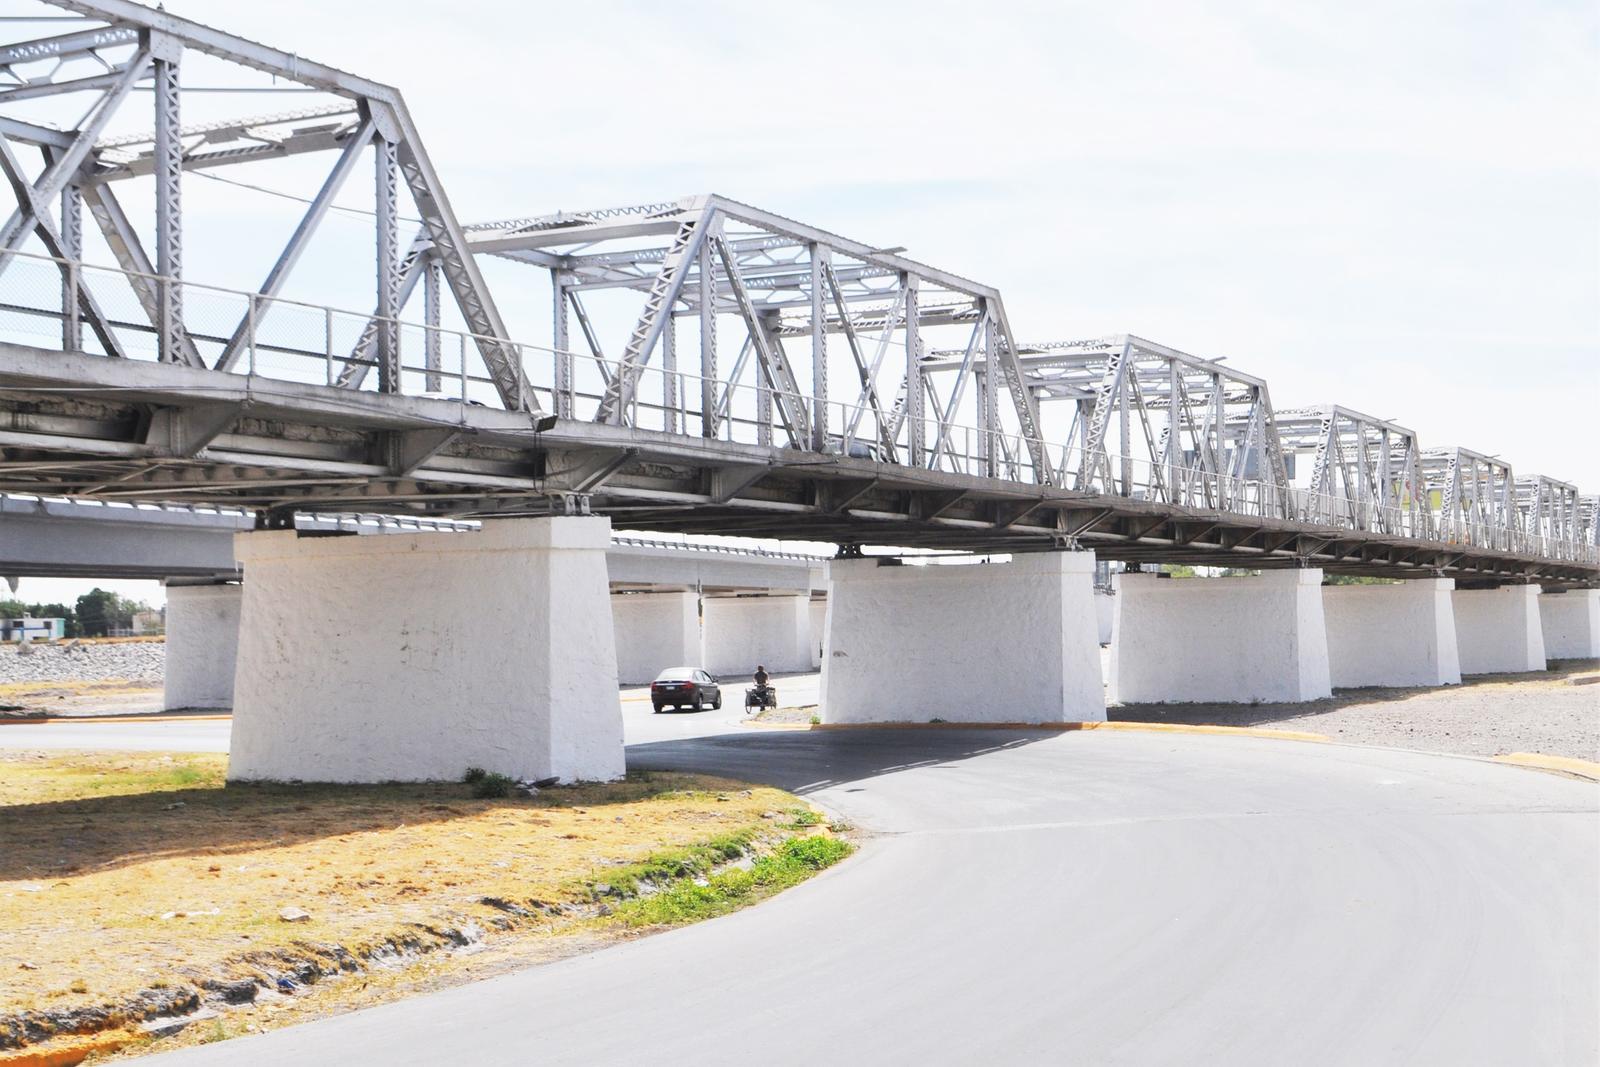 El puente plateado es un símbolo de identidad lagunera. (EL SIGLO DE TORREÓN)